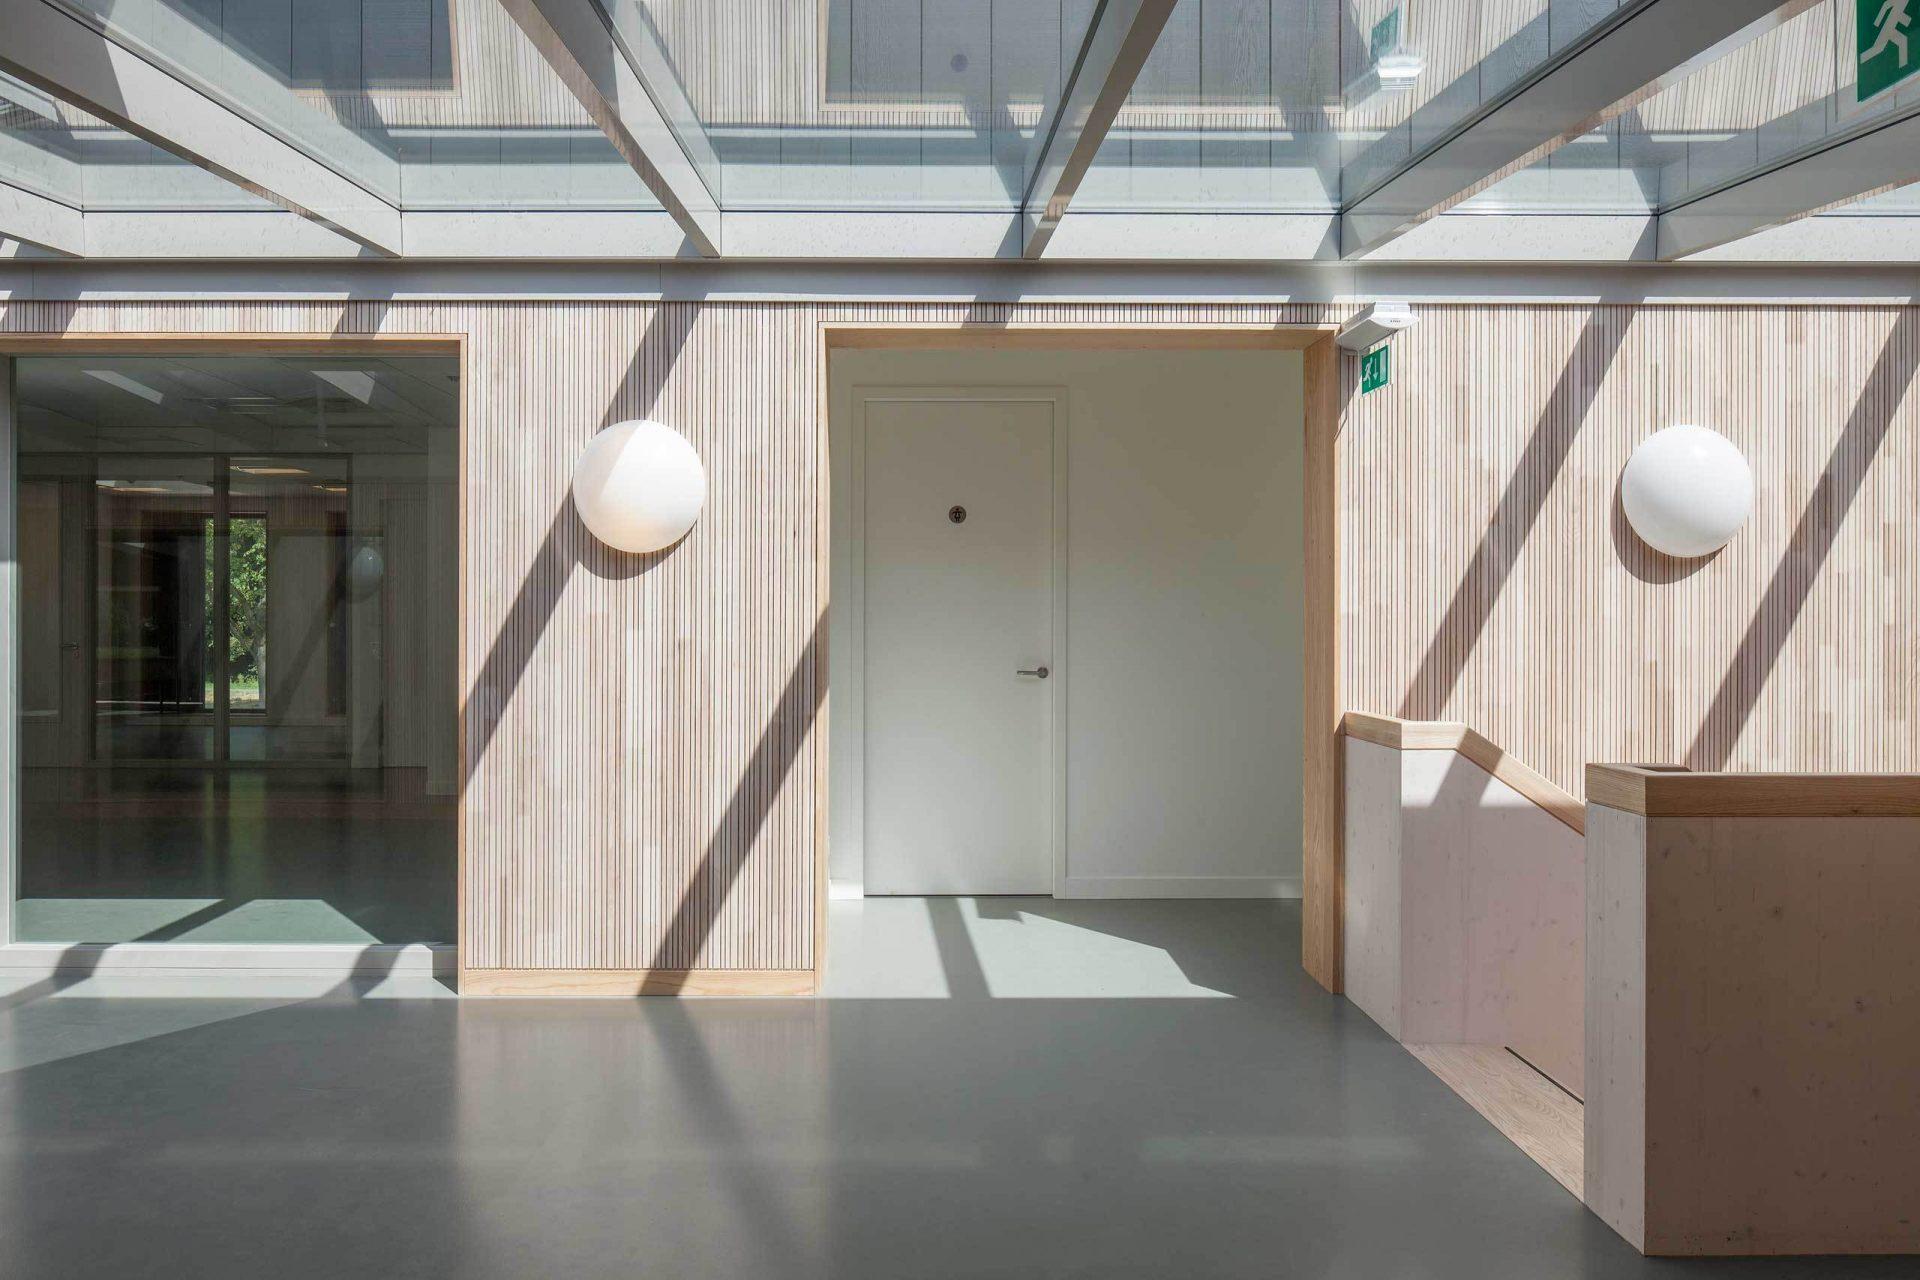 Rowing Building Corridor Hallway